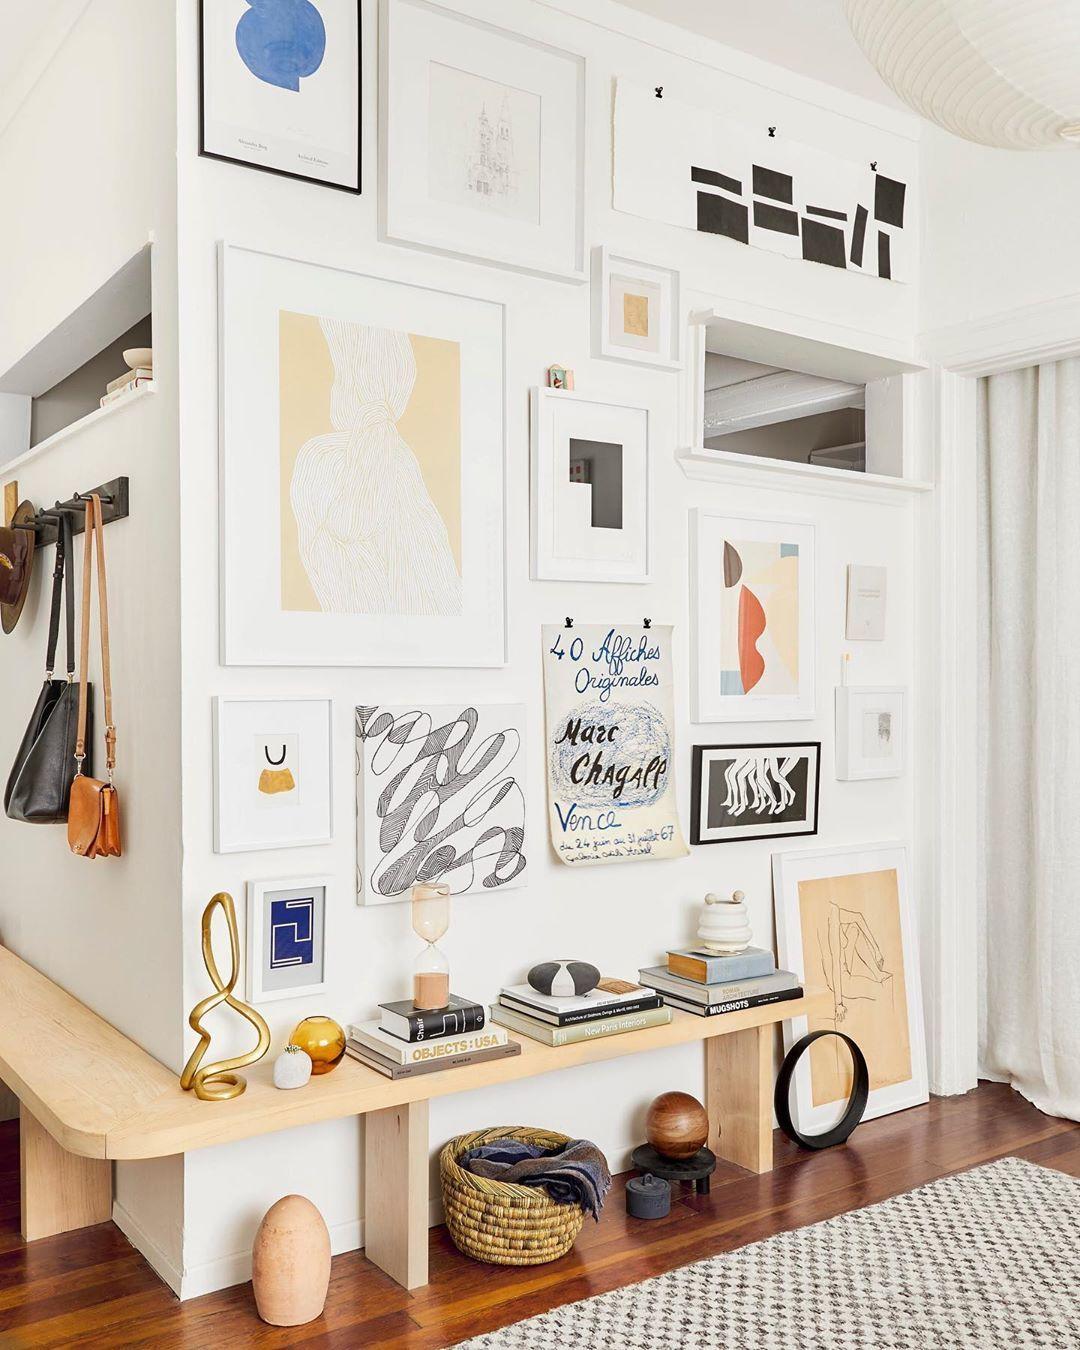 Daniela Danicov Instagram Photos And Videos Small Space Living Room Tiny Living Rooms Living Room Reveal #small #space #small #living #room #decor